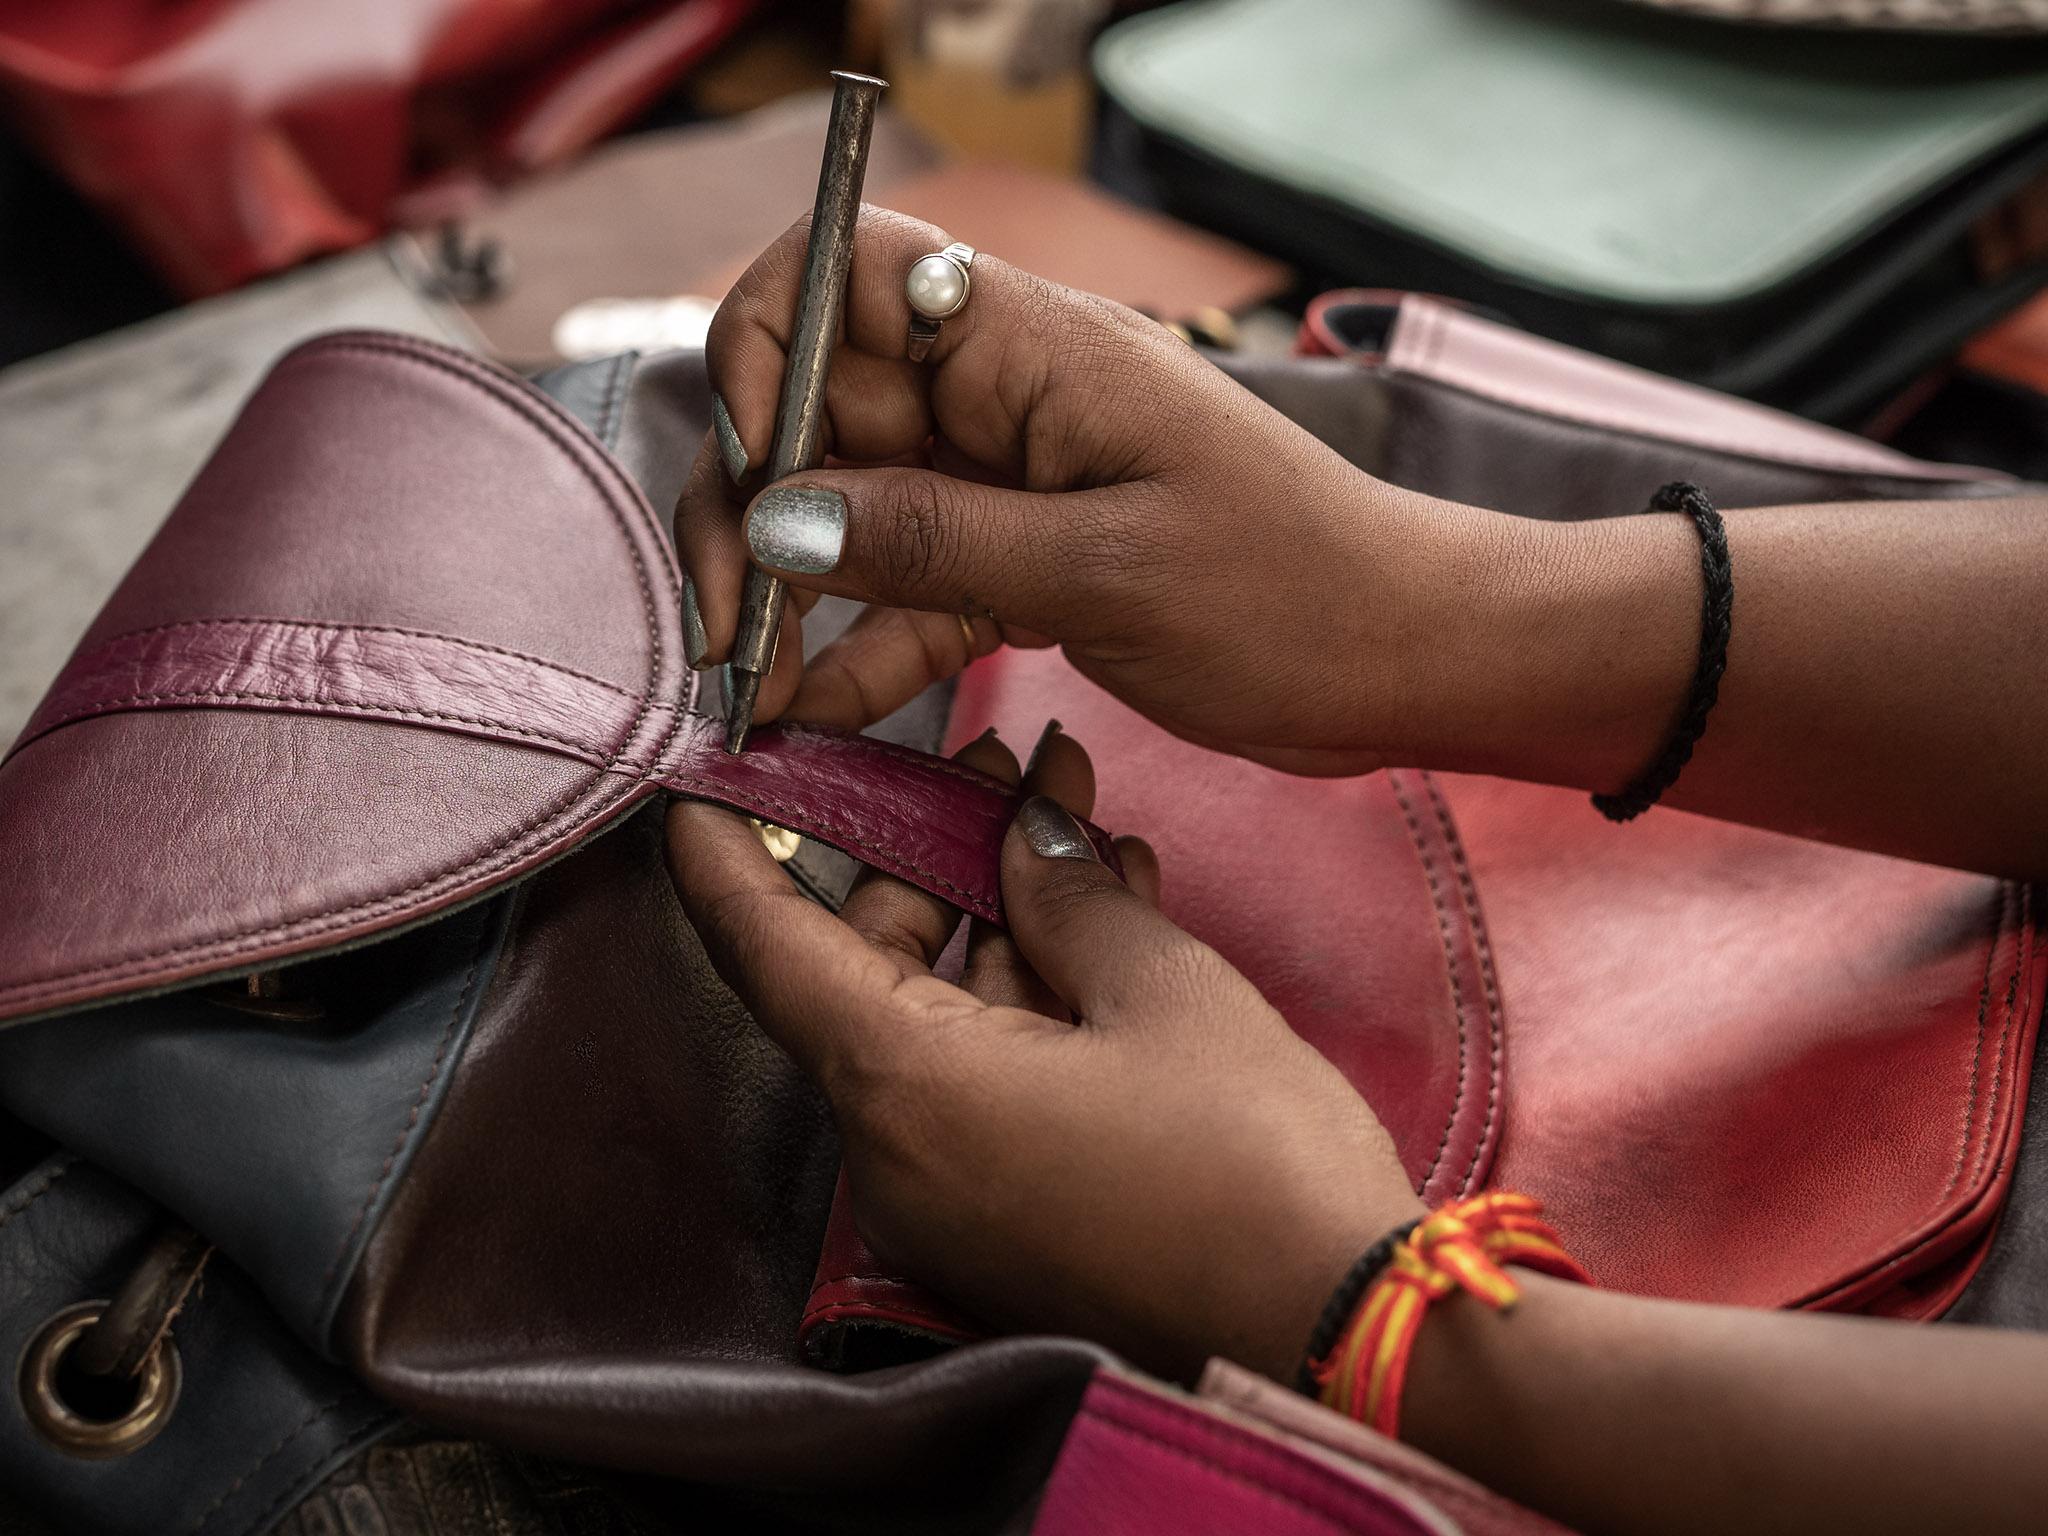 Soruka, un progetto per sfidare la fast fashion che inquina il Pianeta